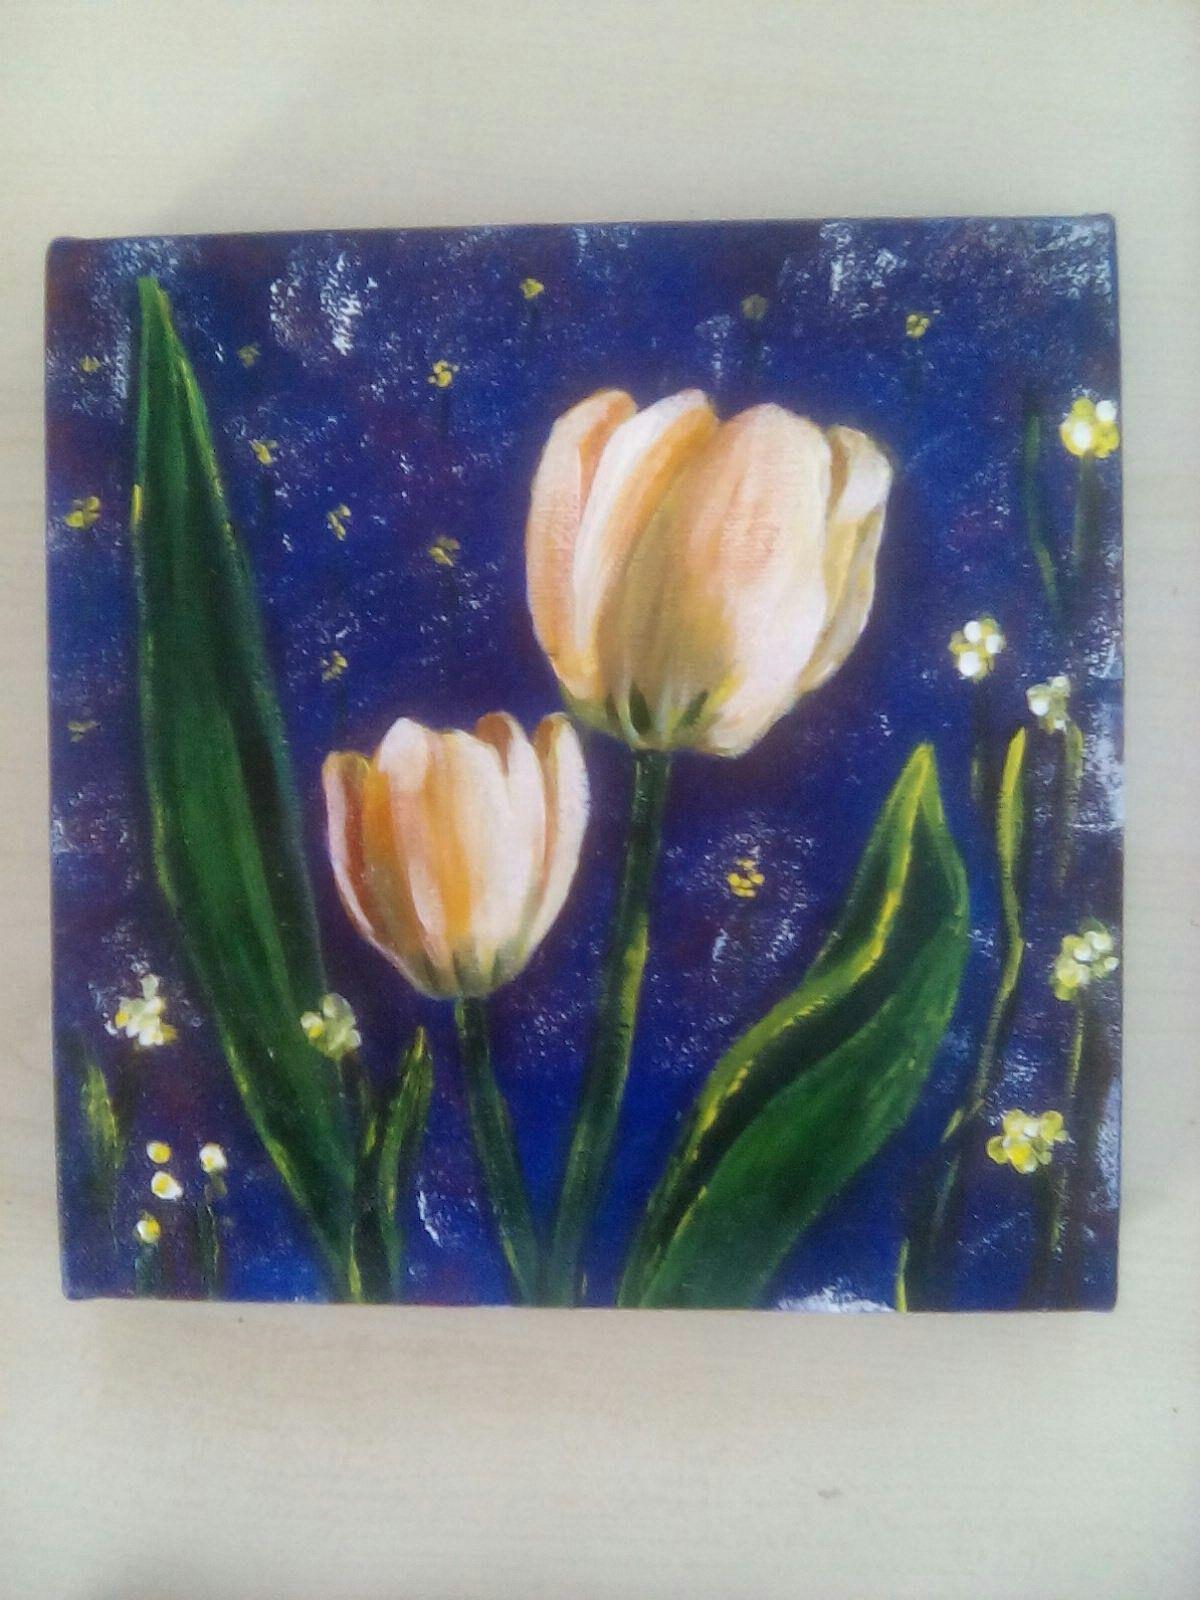 Tuval Akrilik 20x20 Lale Art Resim Paint Akrilik Tuval Akrilik Tuval Resim Laleler